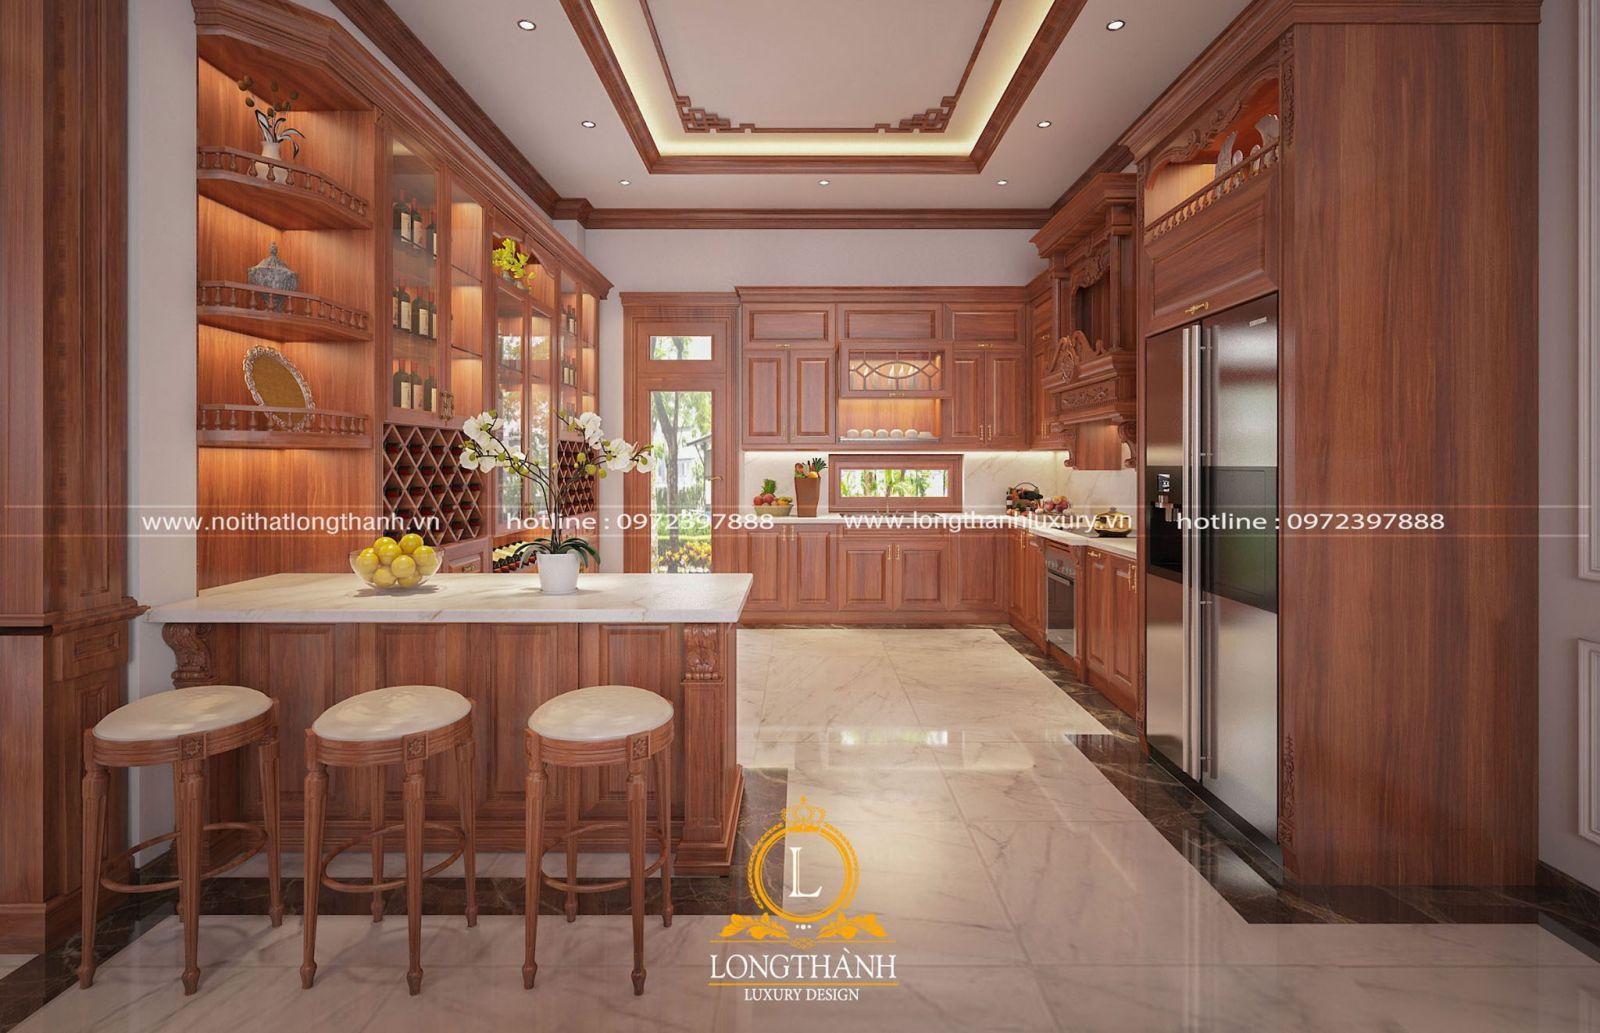 Không gian bếp trở nên sang trọng, gọn gàng hơn khi có một hệ thống lưu trữ tủ bếp hợp lý, tiện dụng